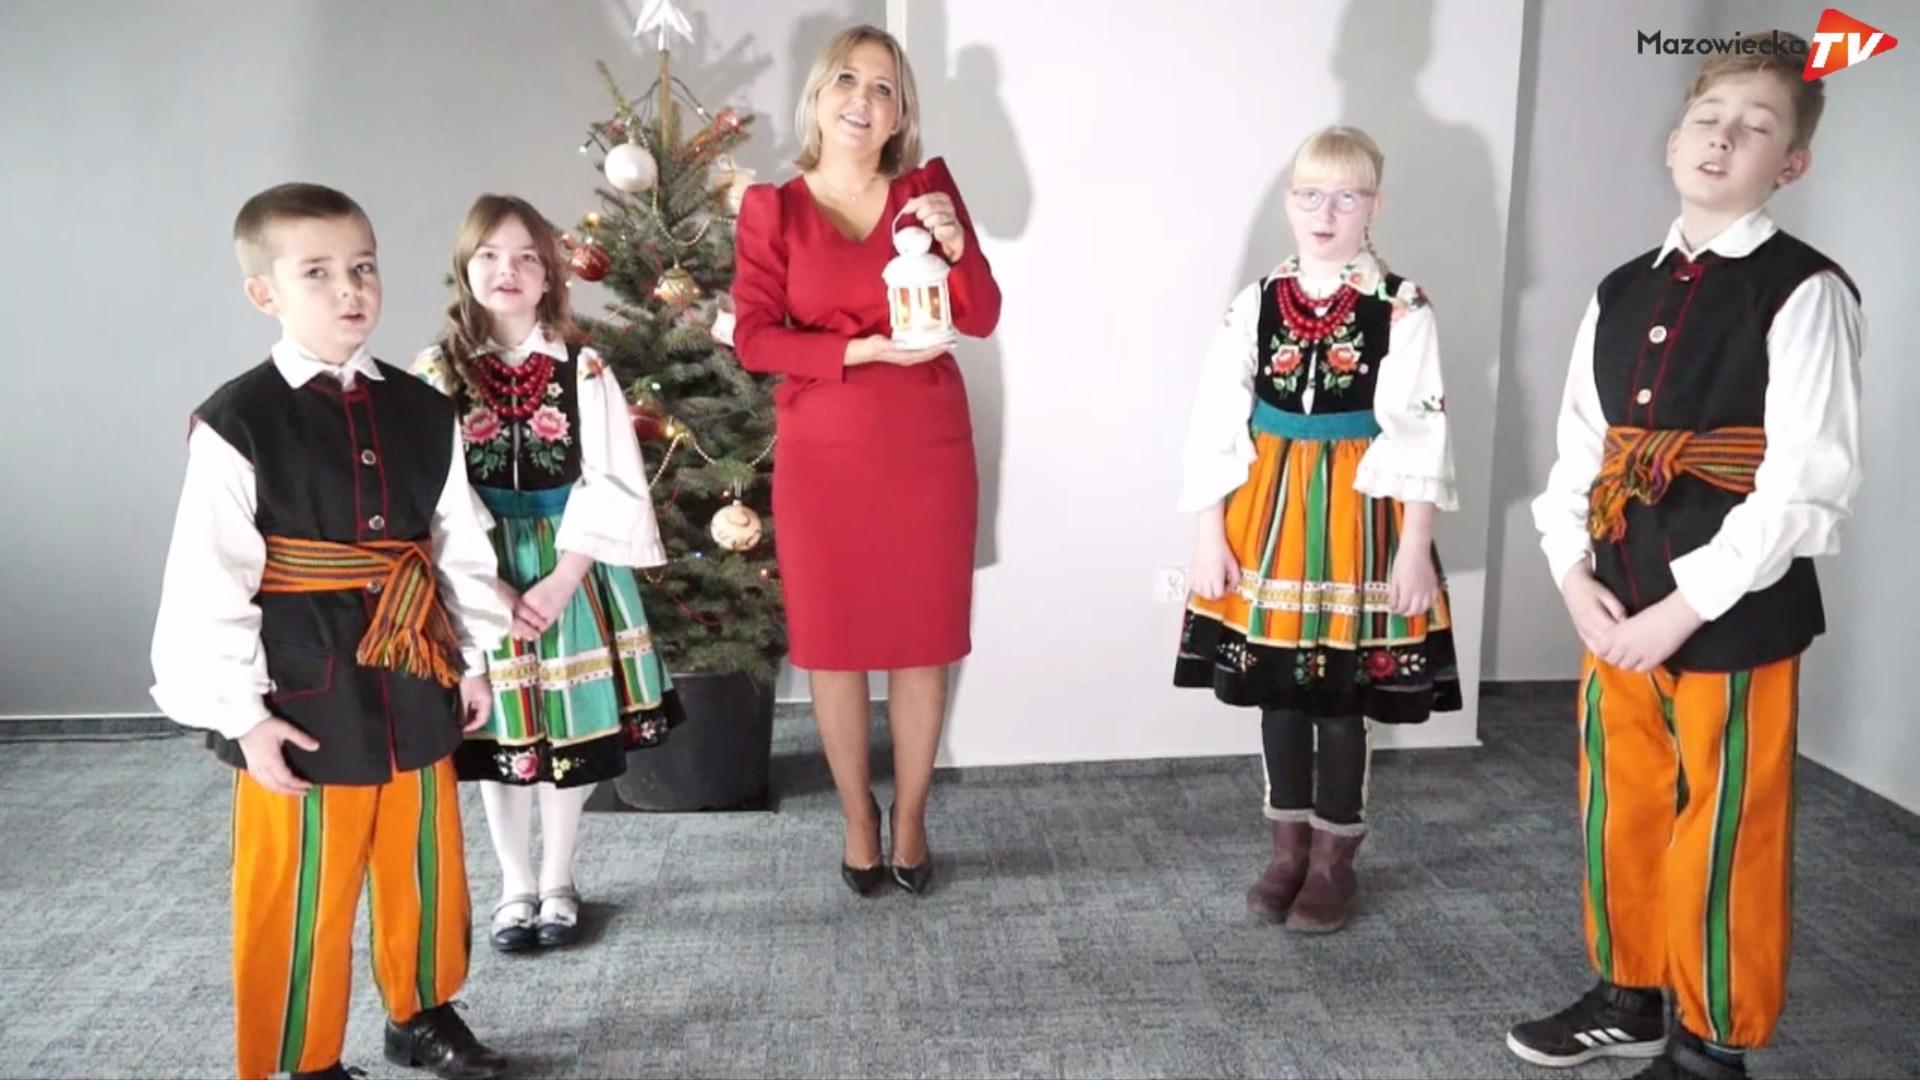 Przyjaciele Mazowieckiej TV składają naszym Widzom najlepsze świąteczne życzenia